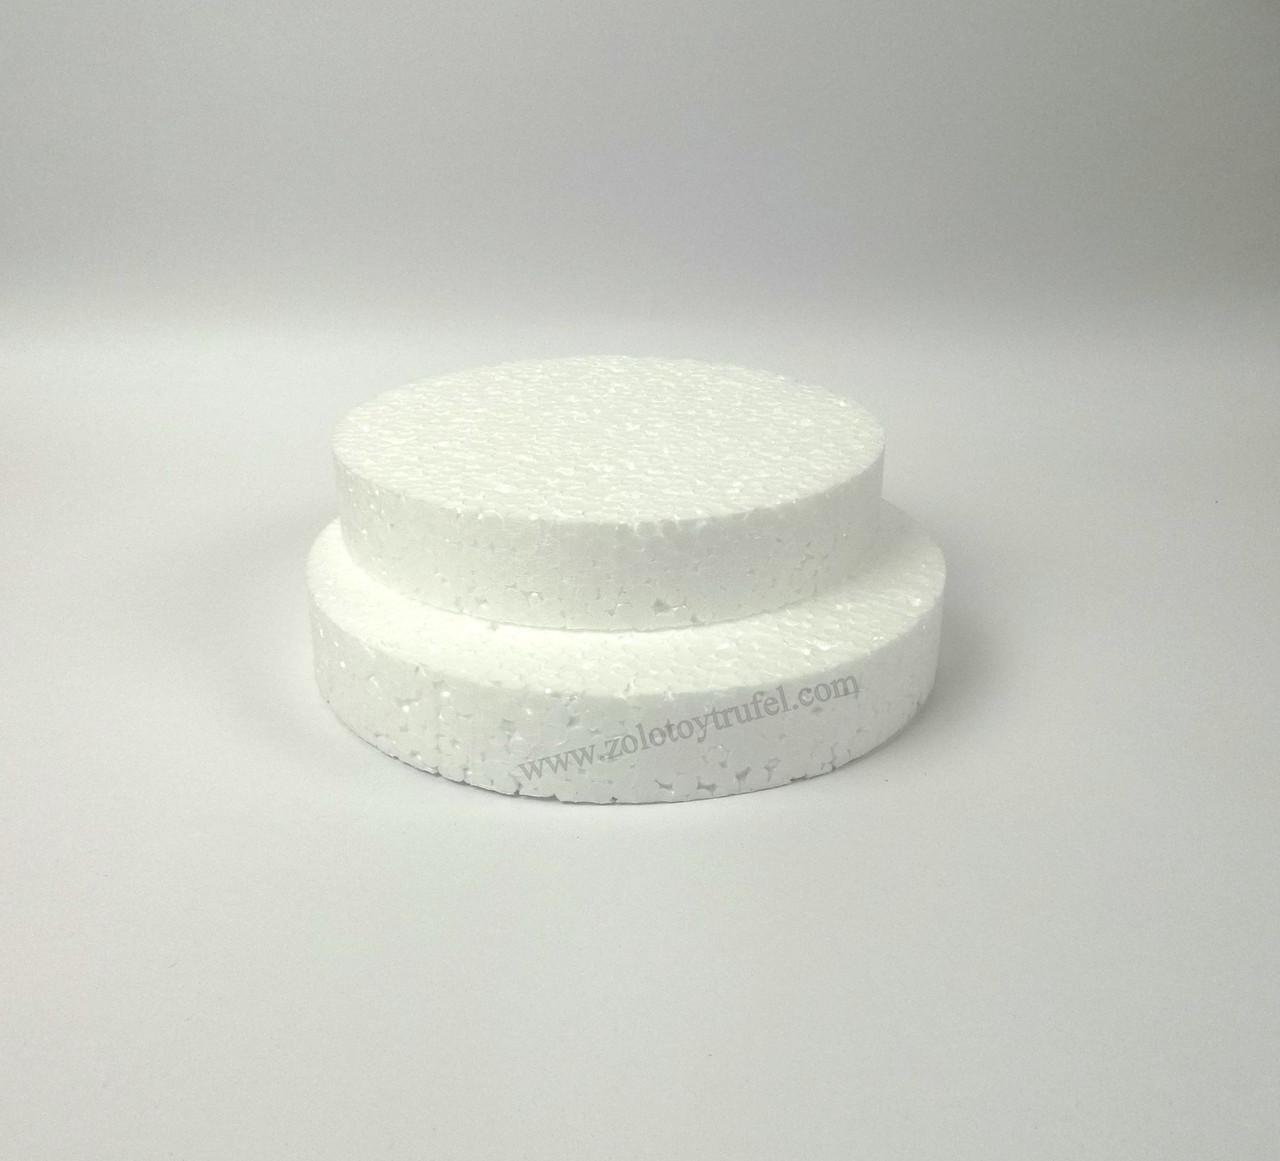 Прослойки пенопластовые для торта d 16 см h 3 см